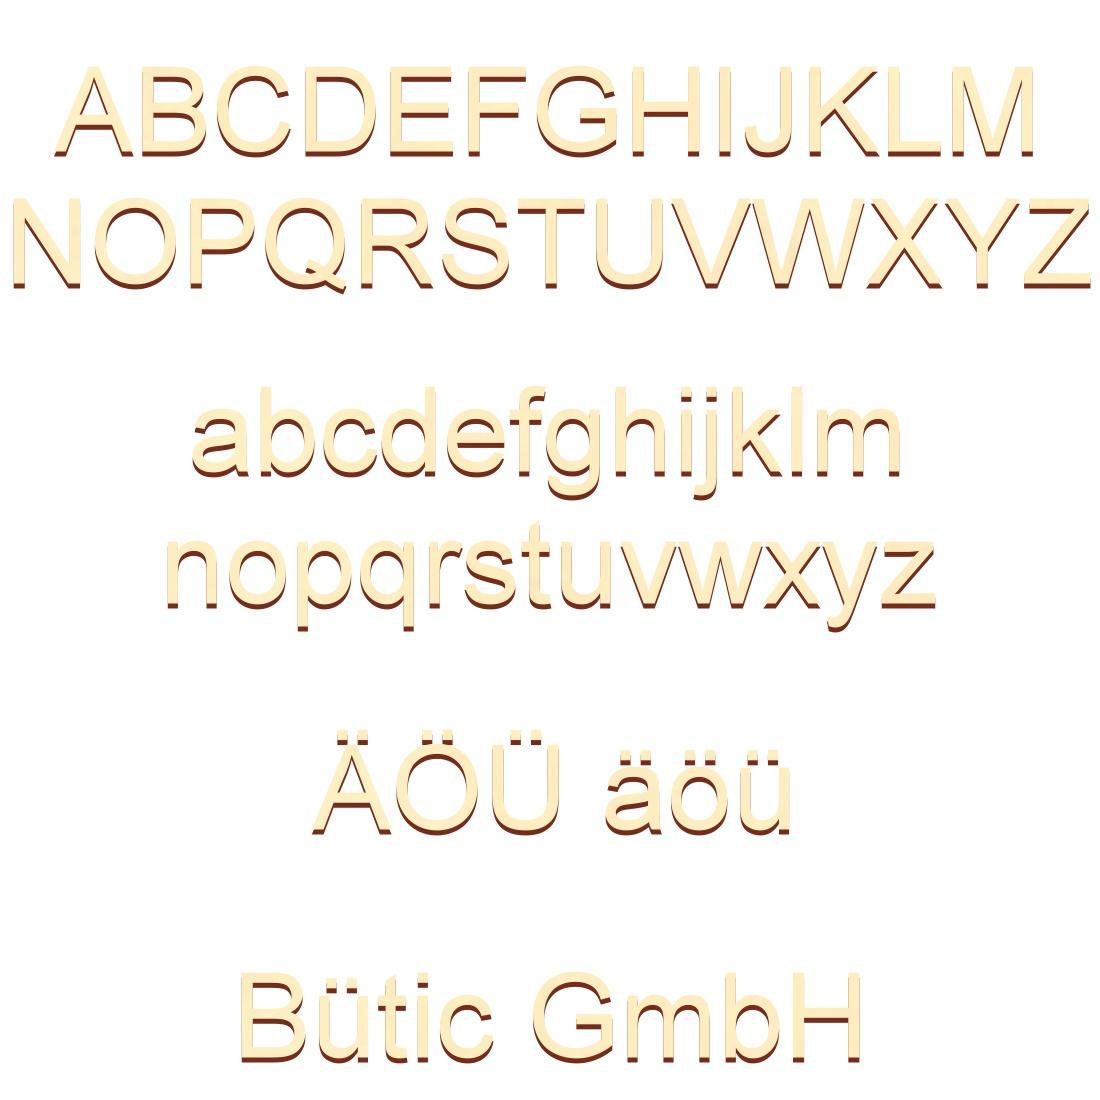 Holz Buchstaben - Arial - Wunschtext/Schriftzug mit Größenauswahl